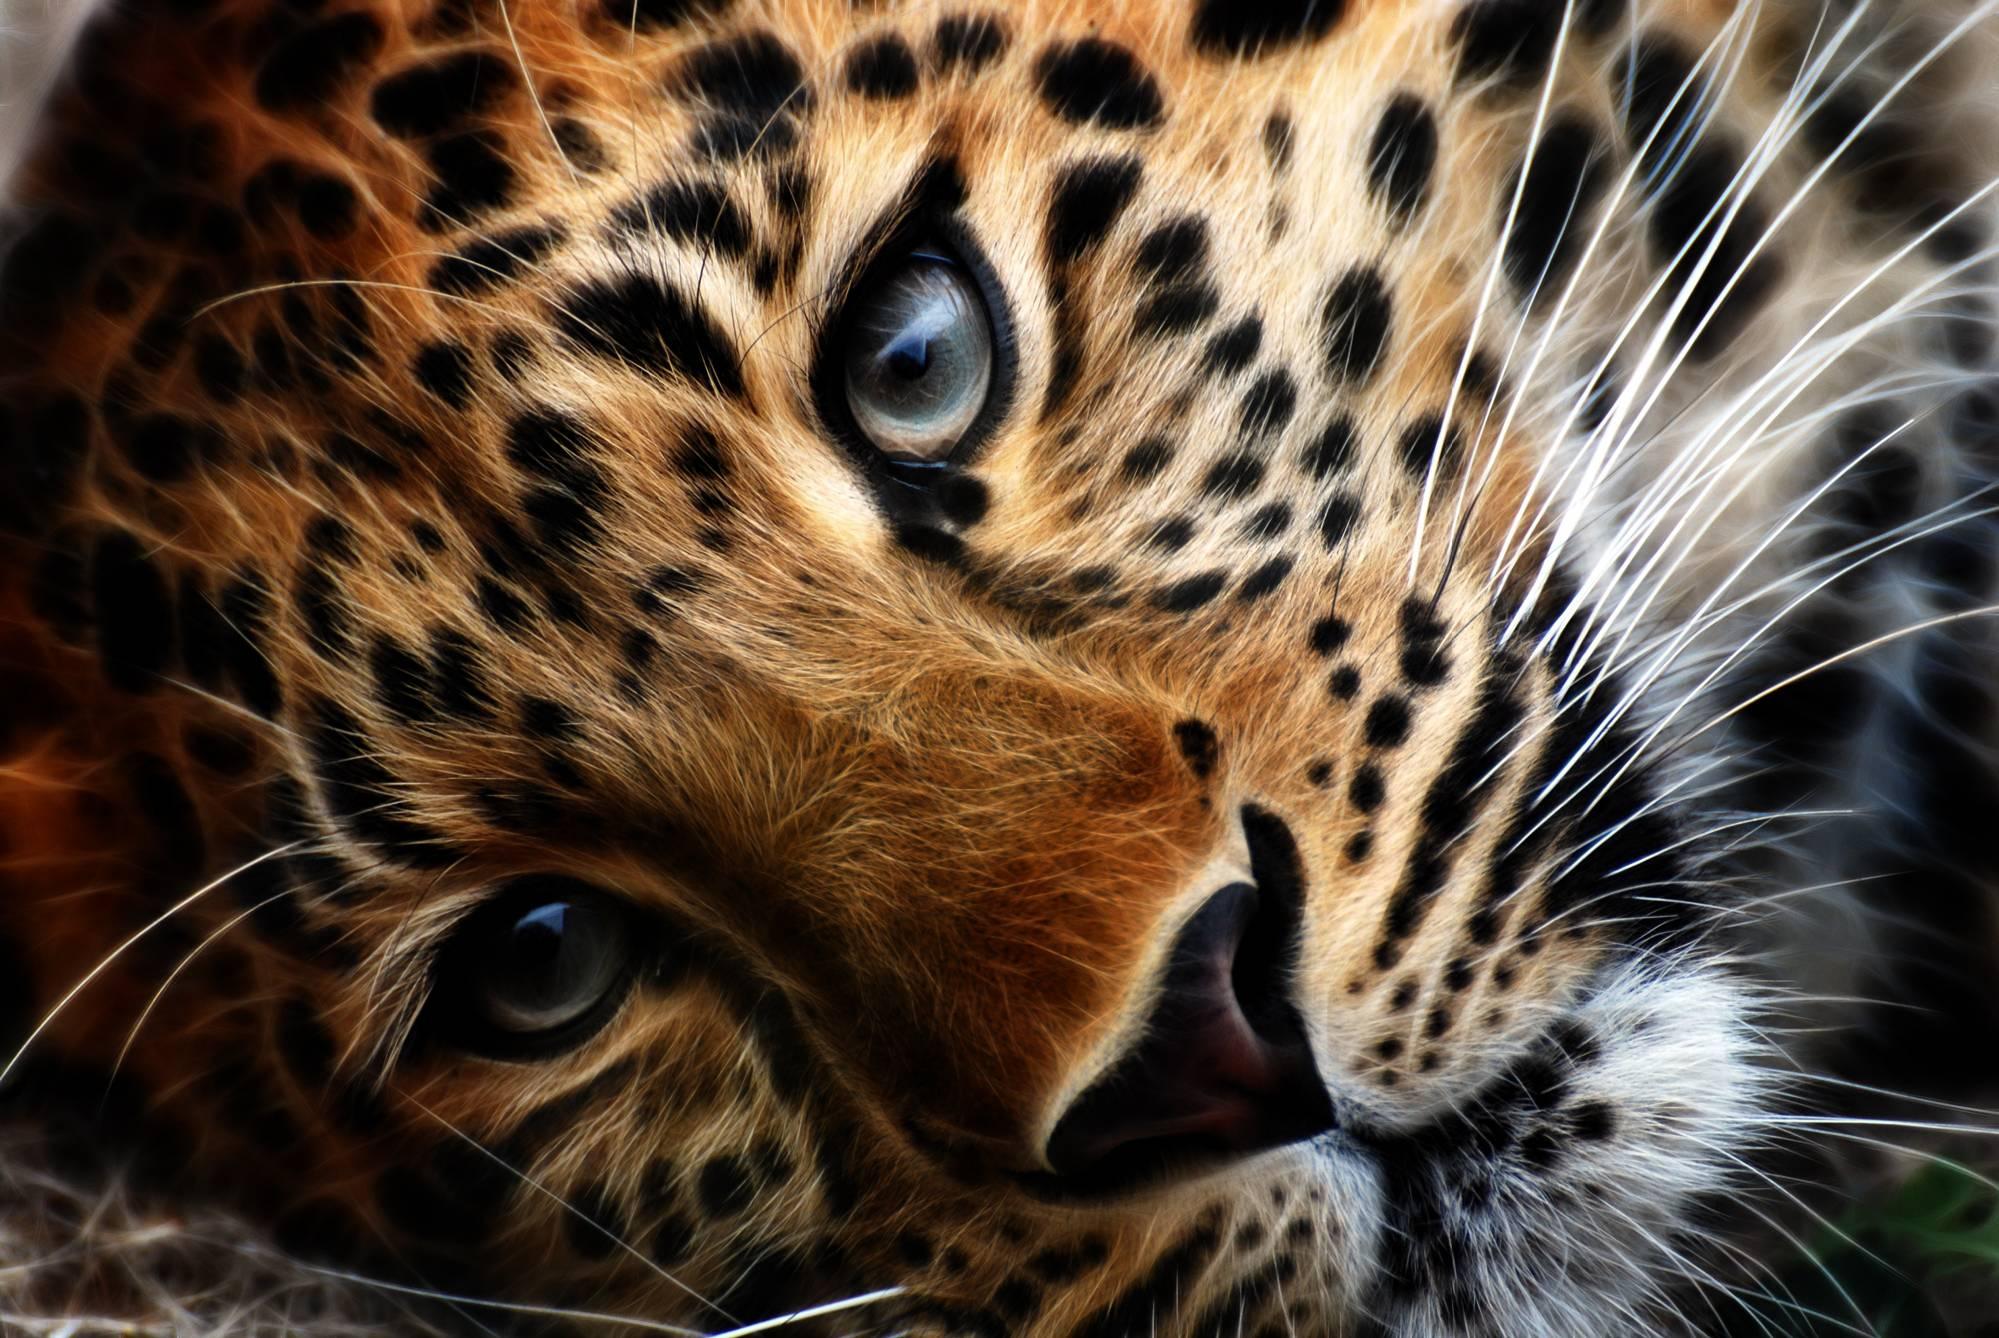 Wallpaper Cheetah Pair Hd Animals 6057: Tiger HD Wallpapers